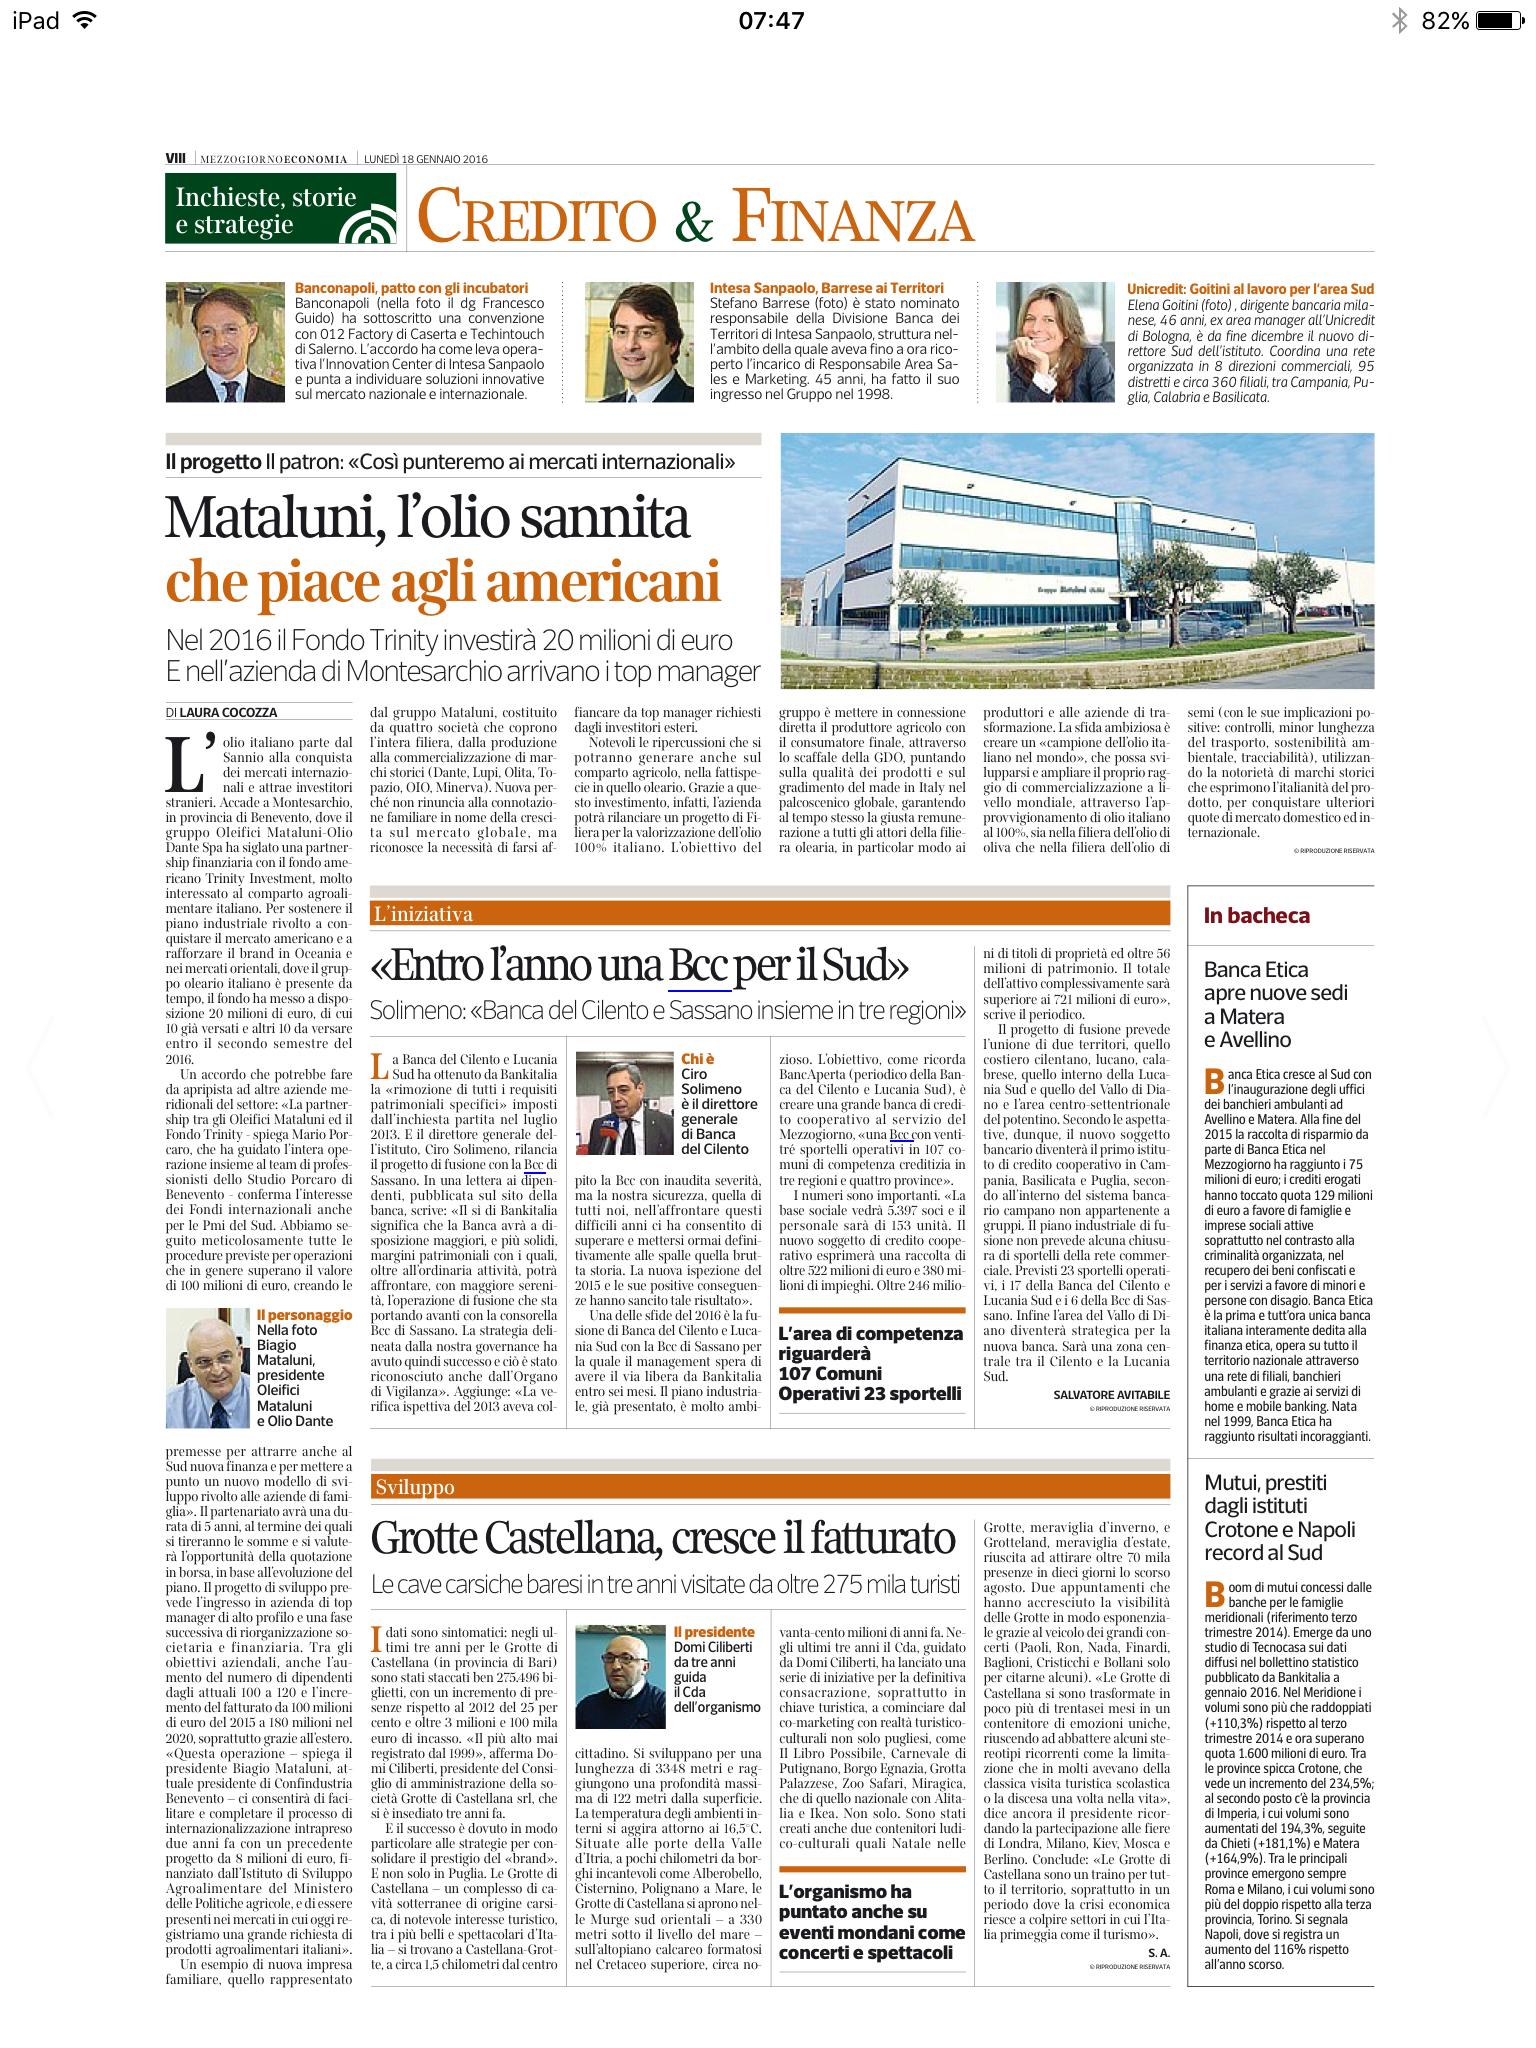 Corriere della sera - Credito&Finanza - Grotte di Castellana - Bilancio